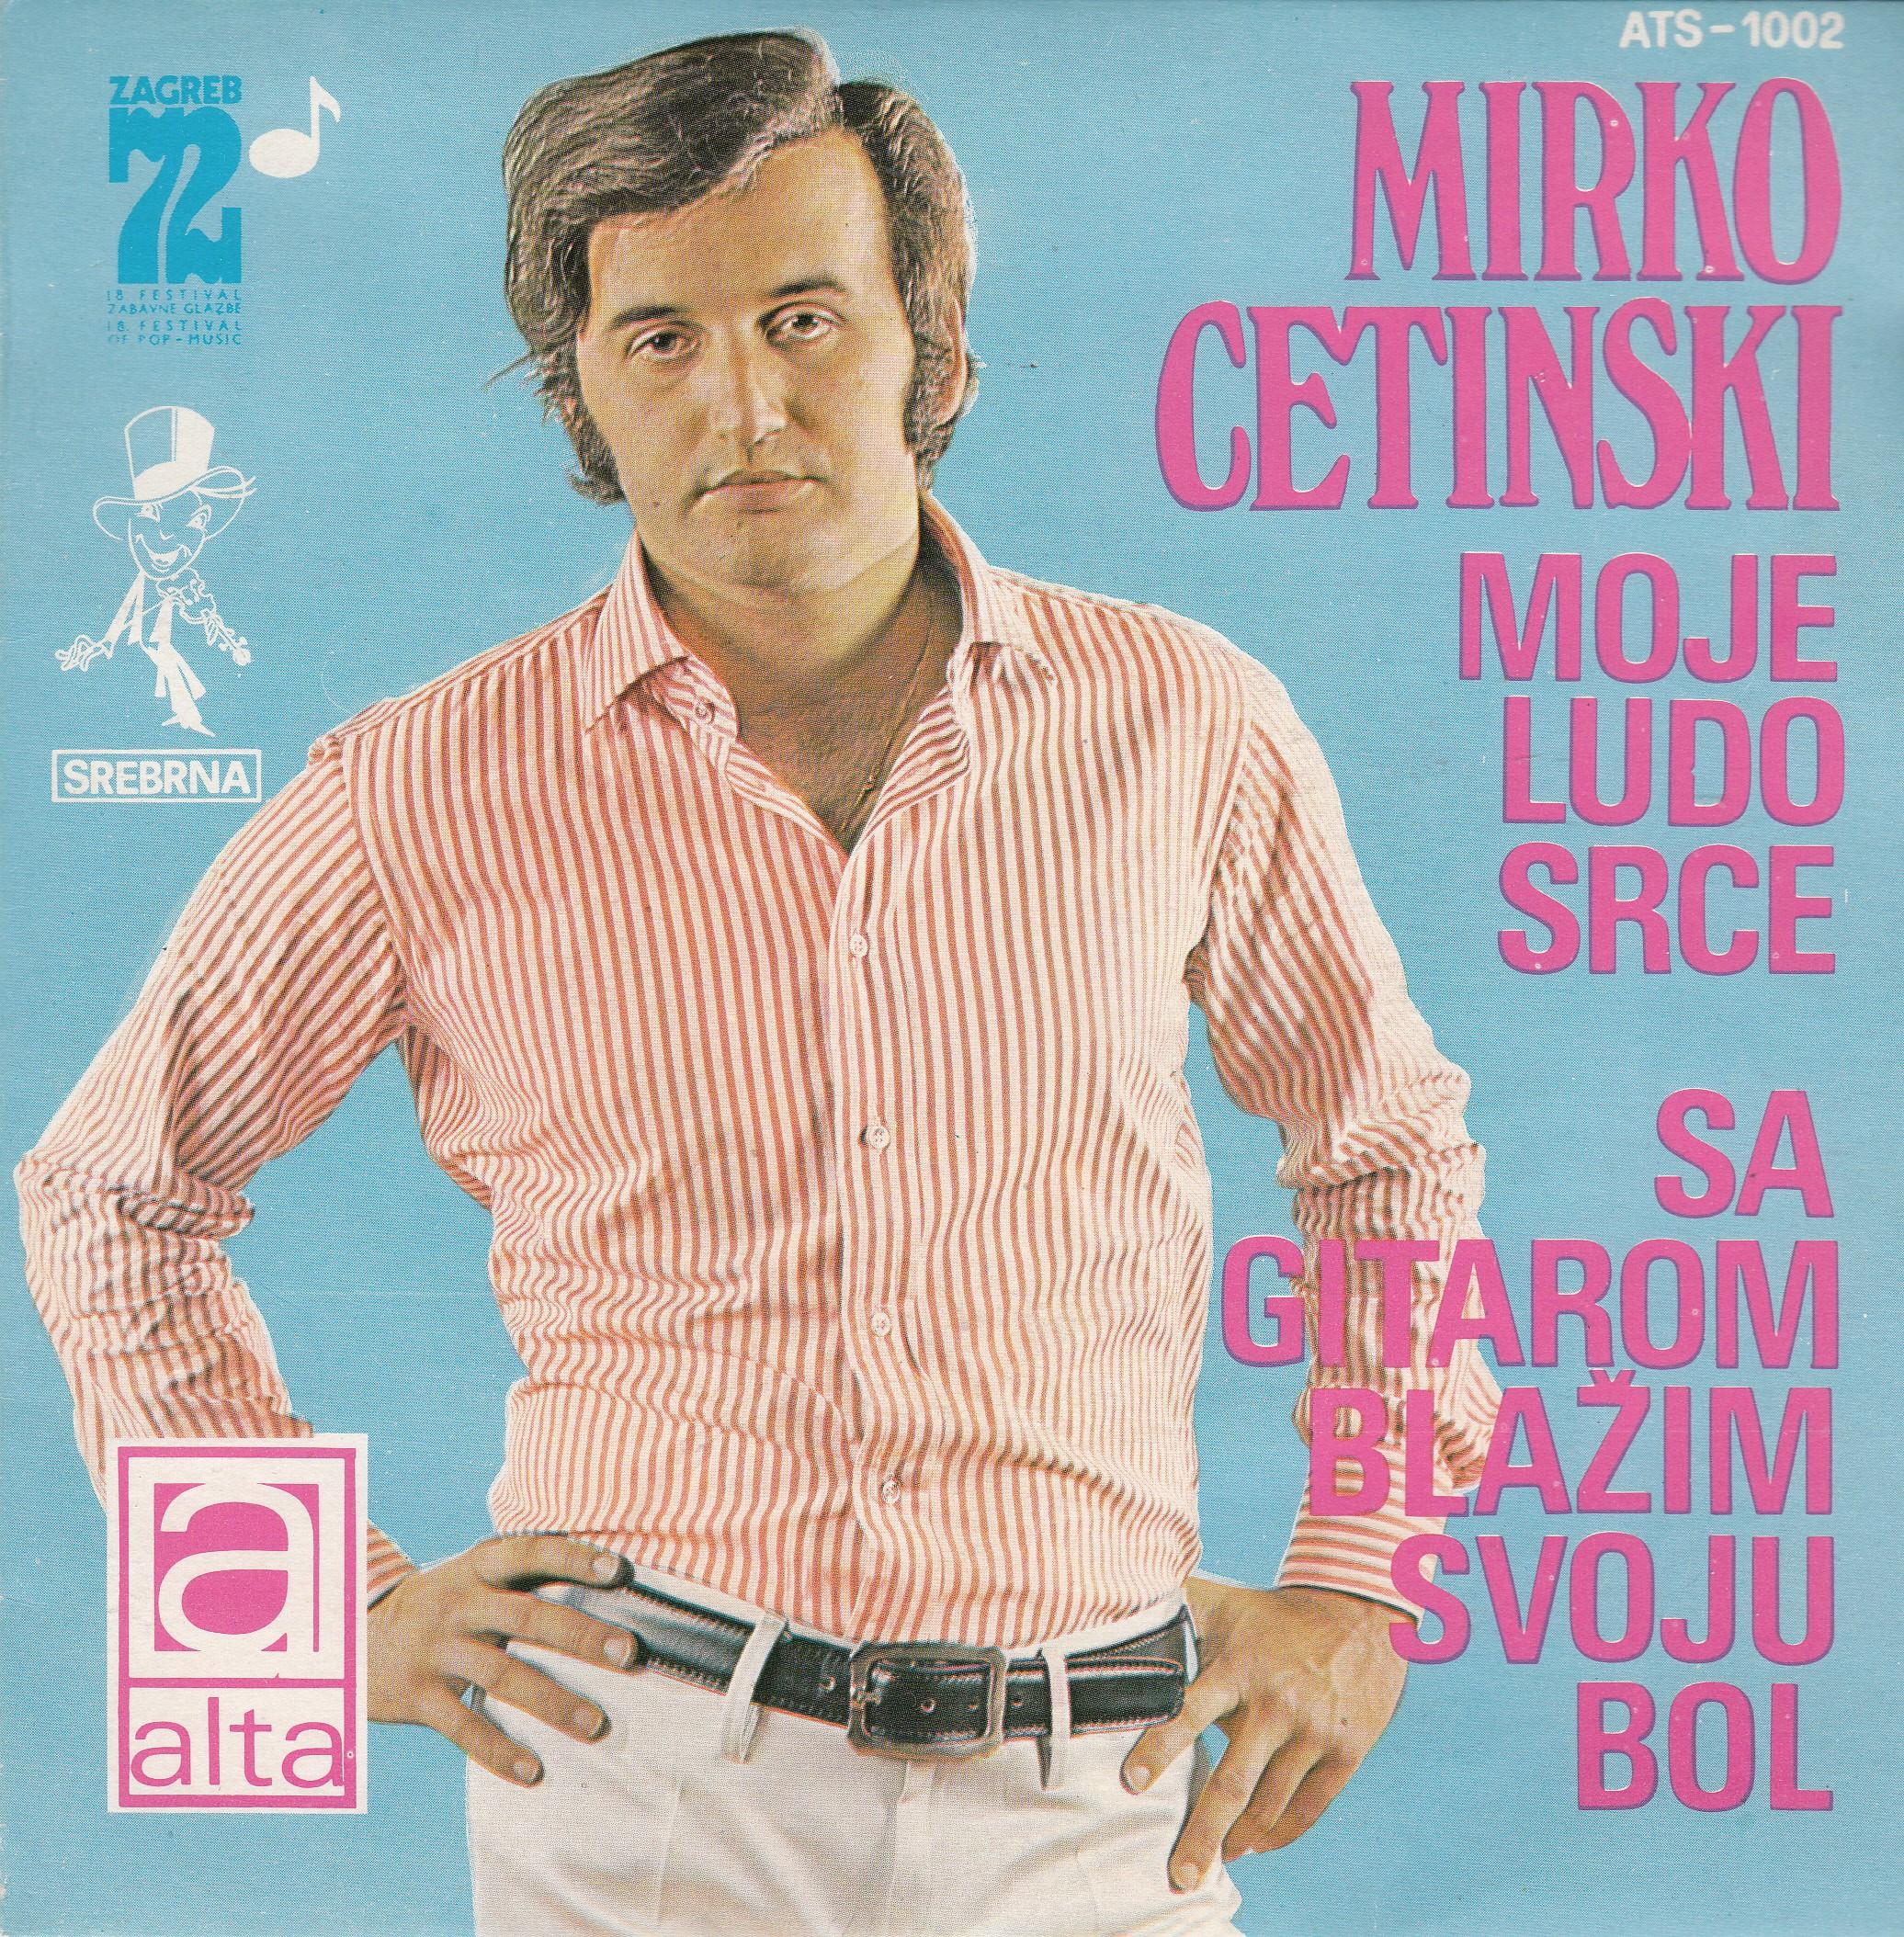 Cetinski Mirko - Moje Ludo Srce/sa Gitarom Blazim Svoju Bol